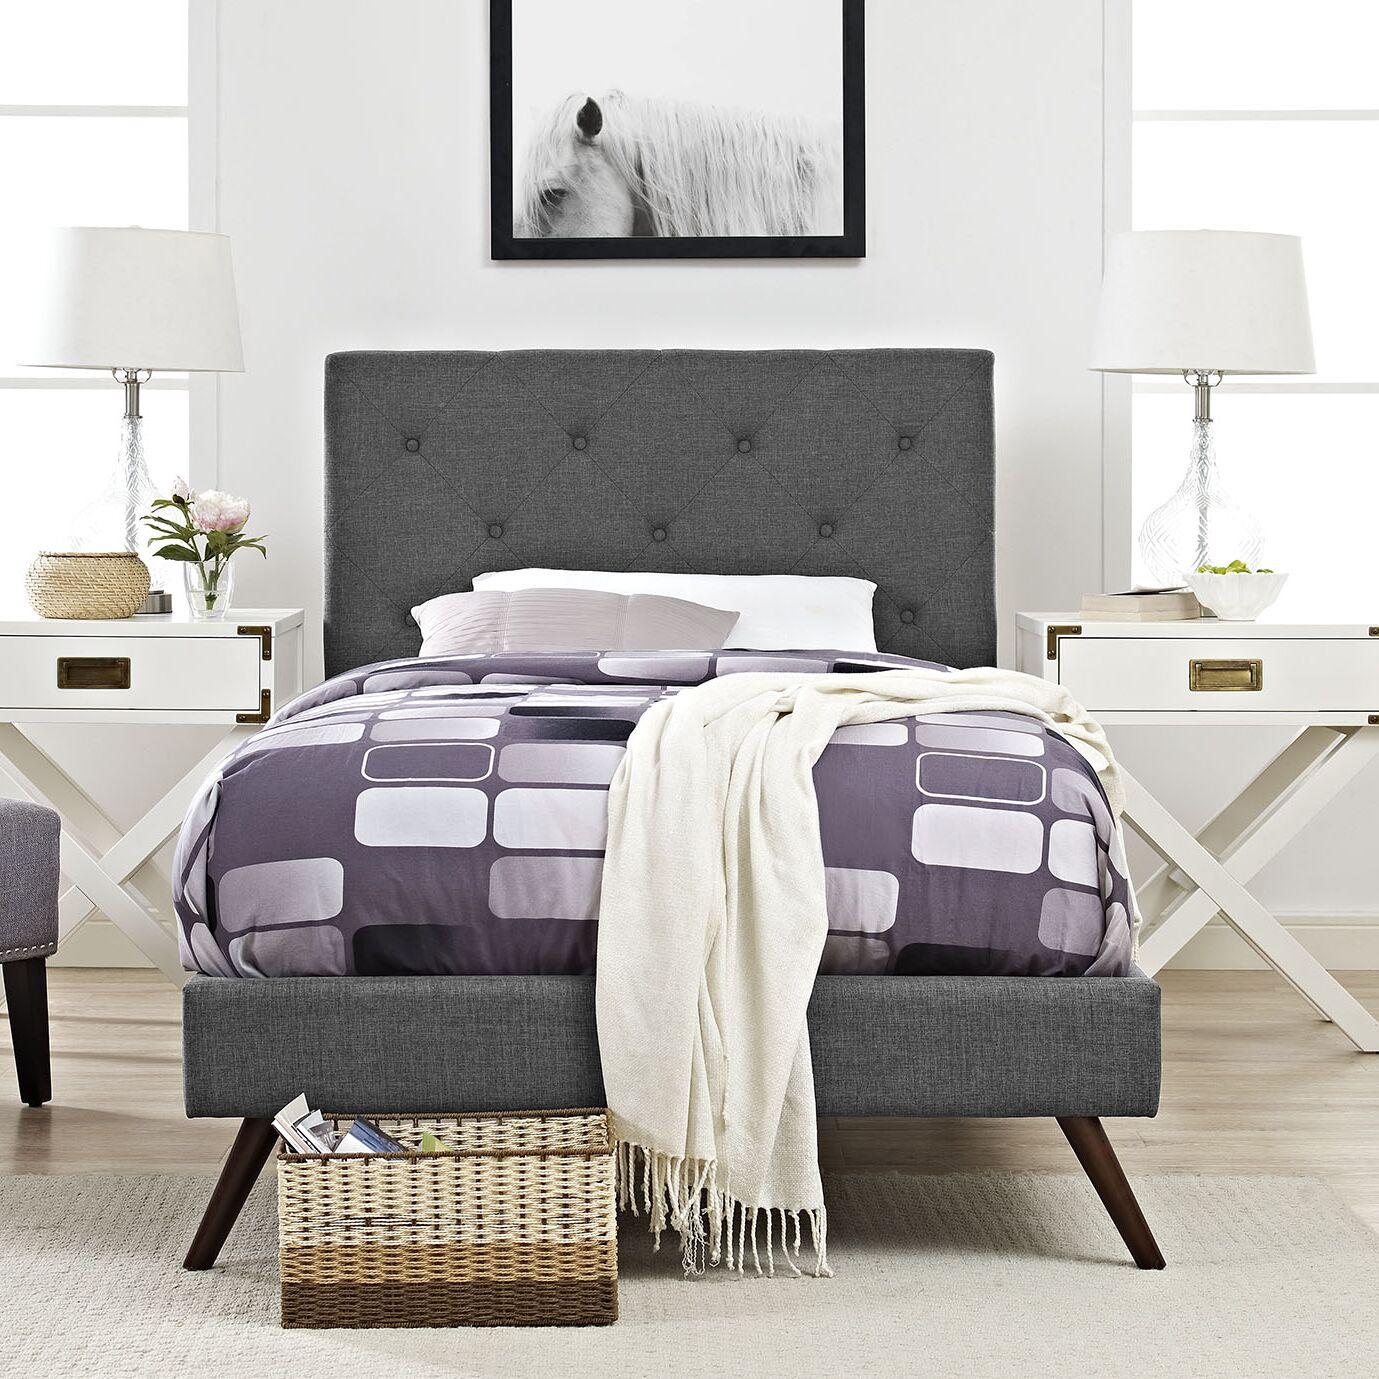 Ziemer Upholstered Platform Bed Color: Gray, Size: King